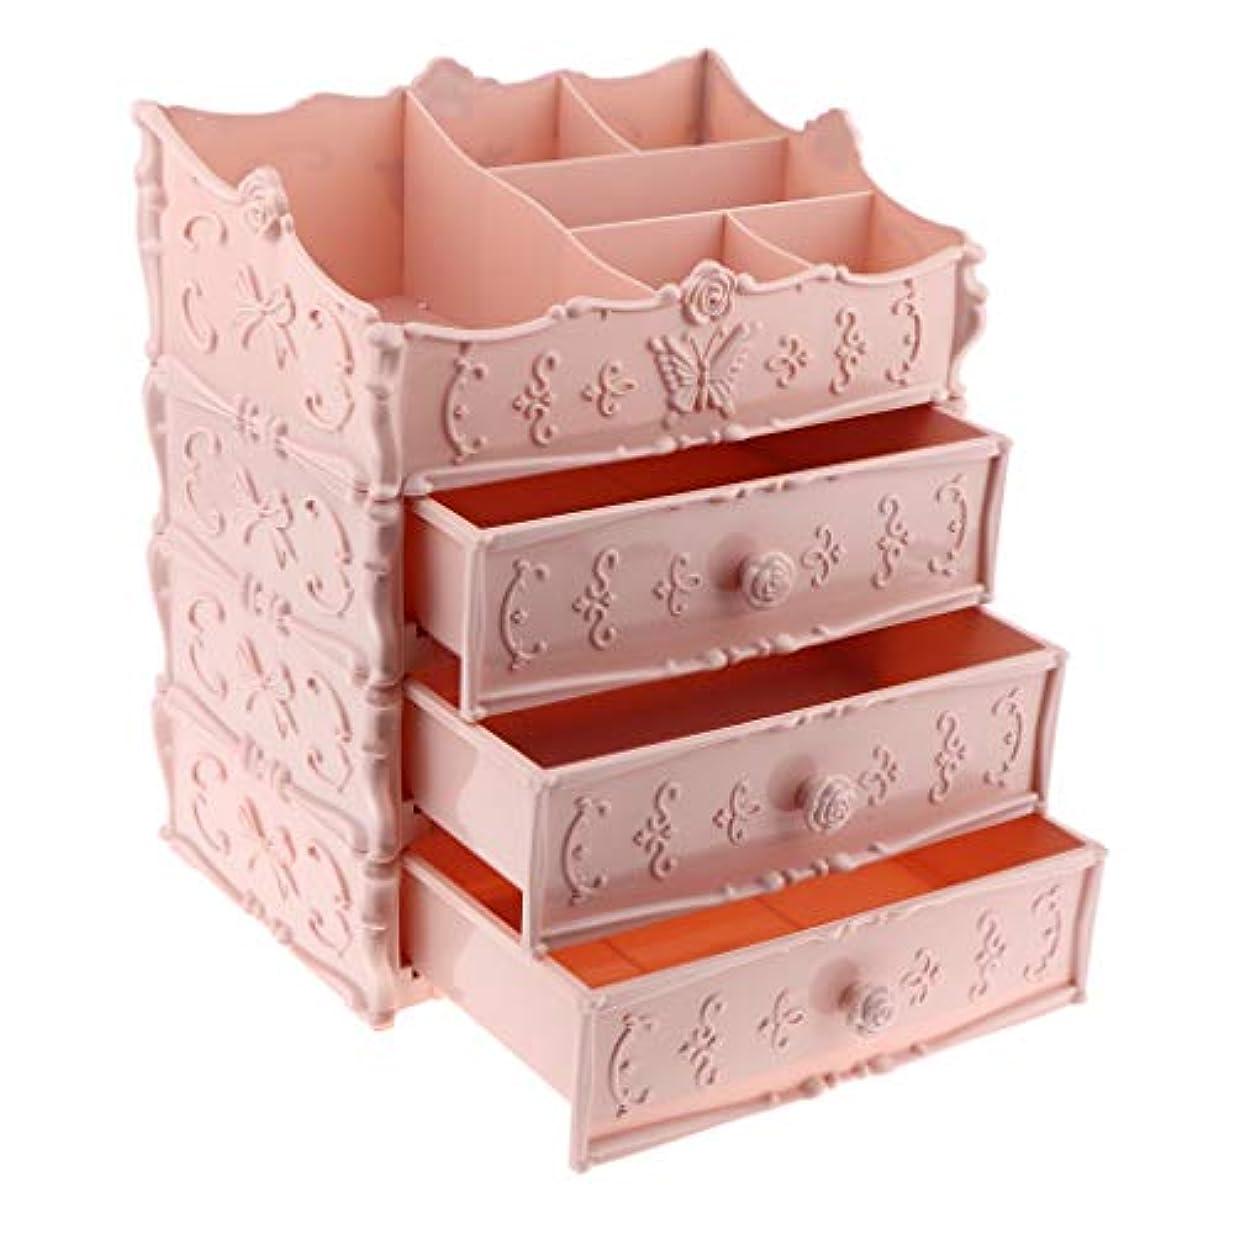 本確かめるシェーバー化粧品ボックス 引き出し メイクボックス 3層 全3選択 - ピンク